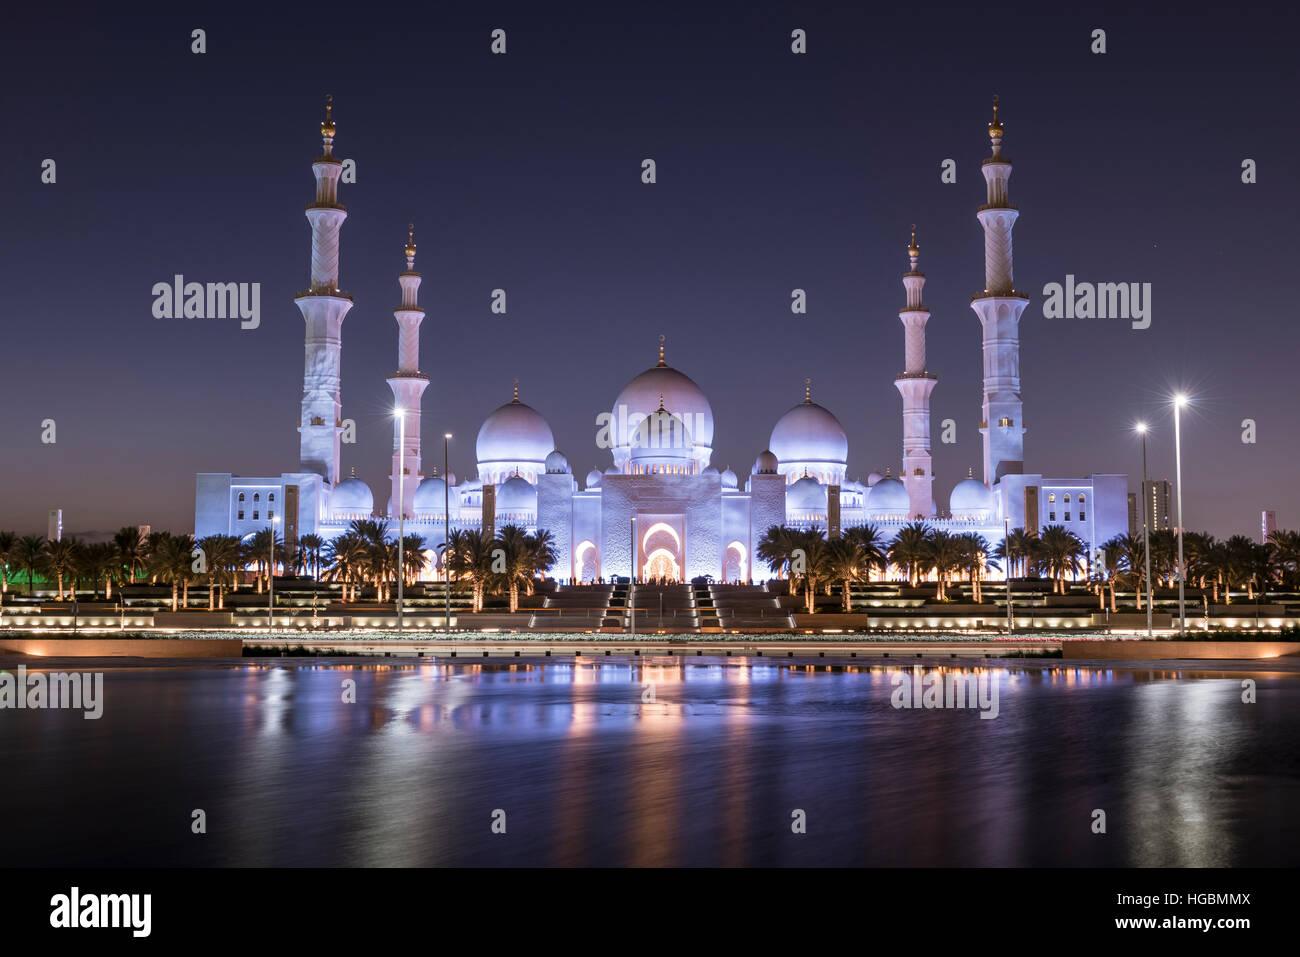 Sonnenuntergang über der Sheikh Zayed Grand Moschee in Abu Dhabi, Vereinigte Arabische Emirate.  Moschee ist Stockbild